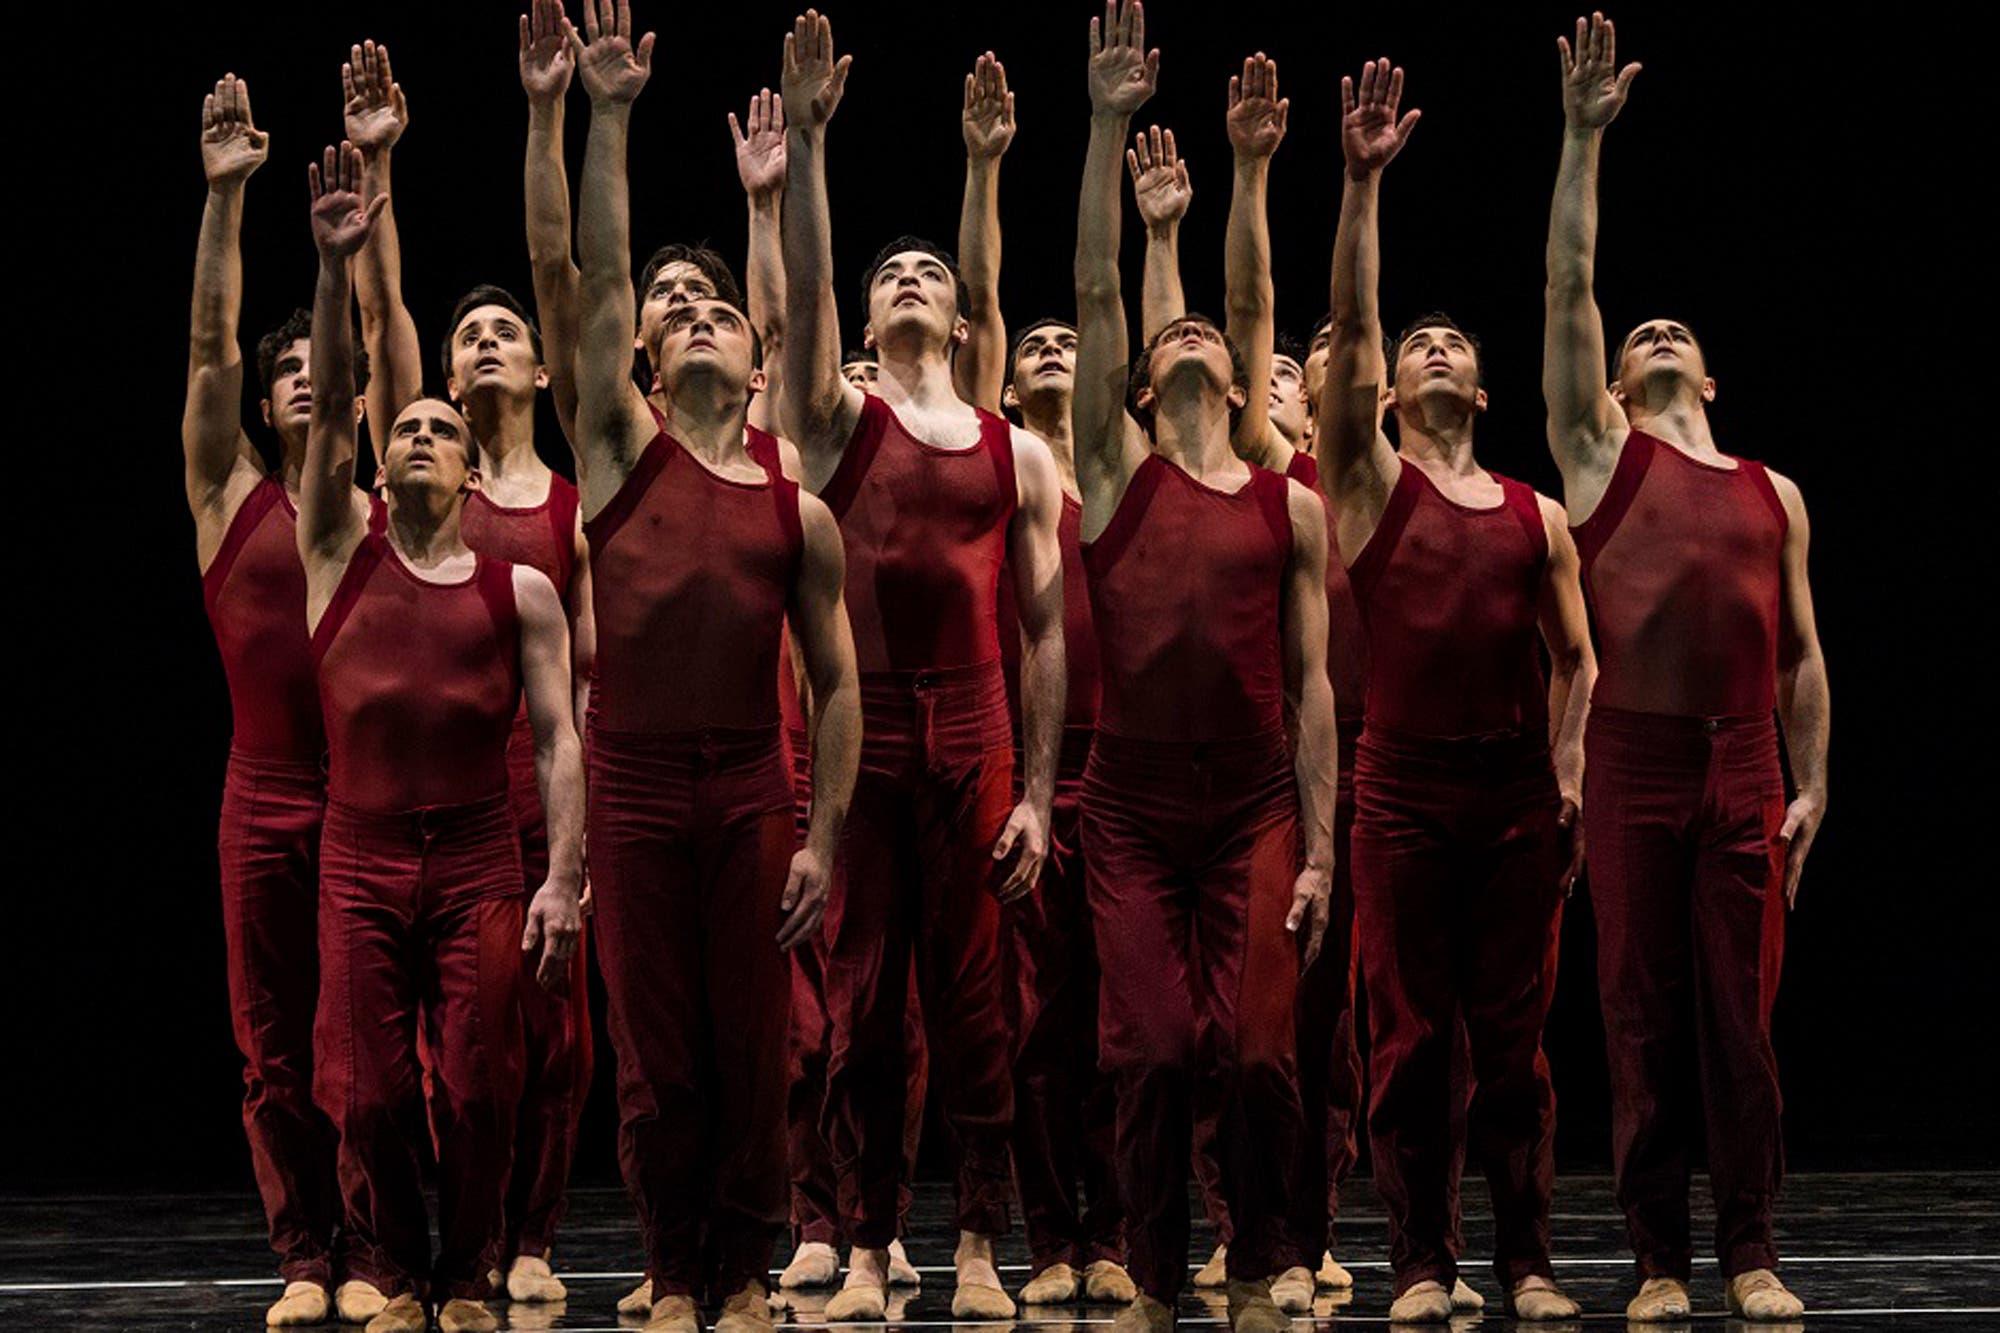 Danzar por la Paz, una buena causa en la que todos podemos ser parte del baile